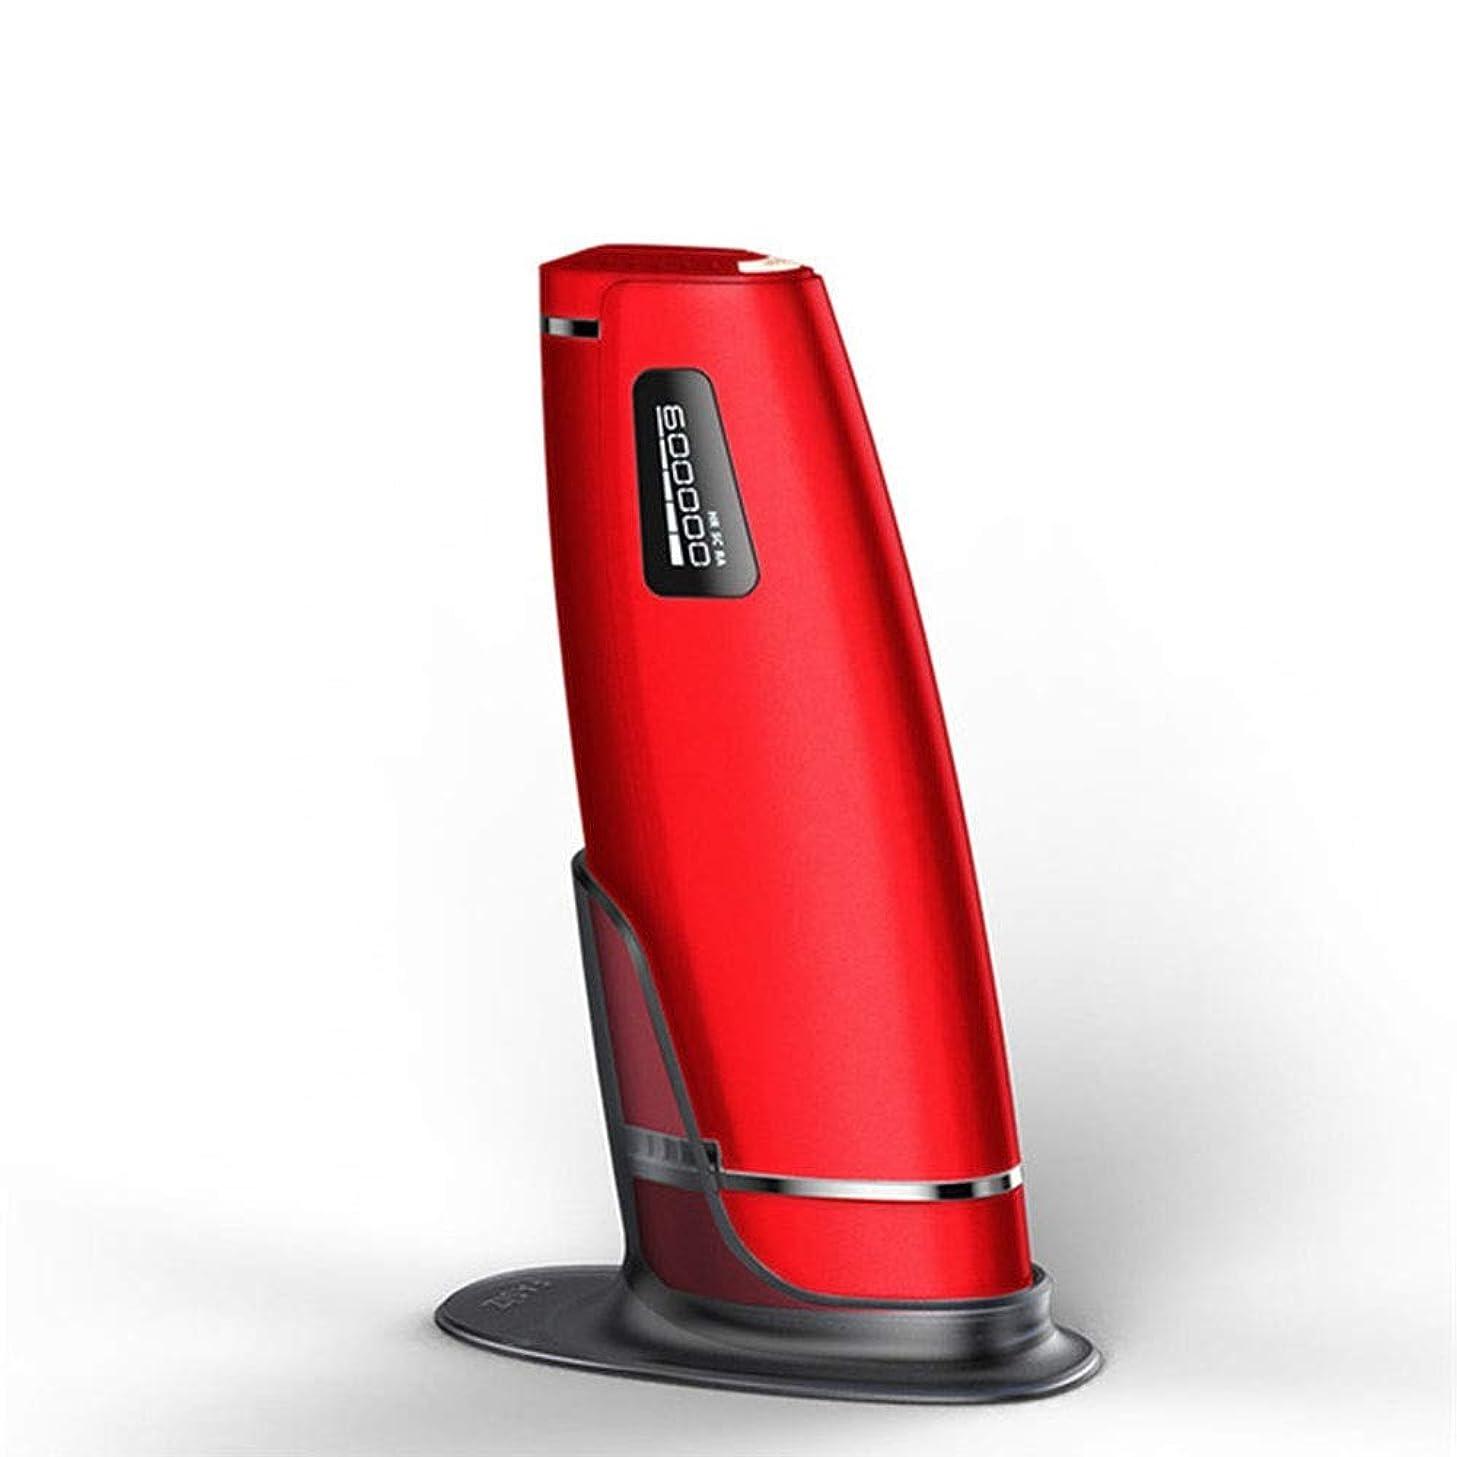 憂鬱信じる延ばすIku夫 赤、デュアルモード、ホームオートマチック無痛脱毛剤、携帯用永久脱毛剤、5スピード調整、サイズ20.5 X 4.5 X 7 Cm (Color : Red)